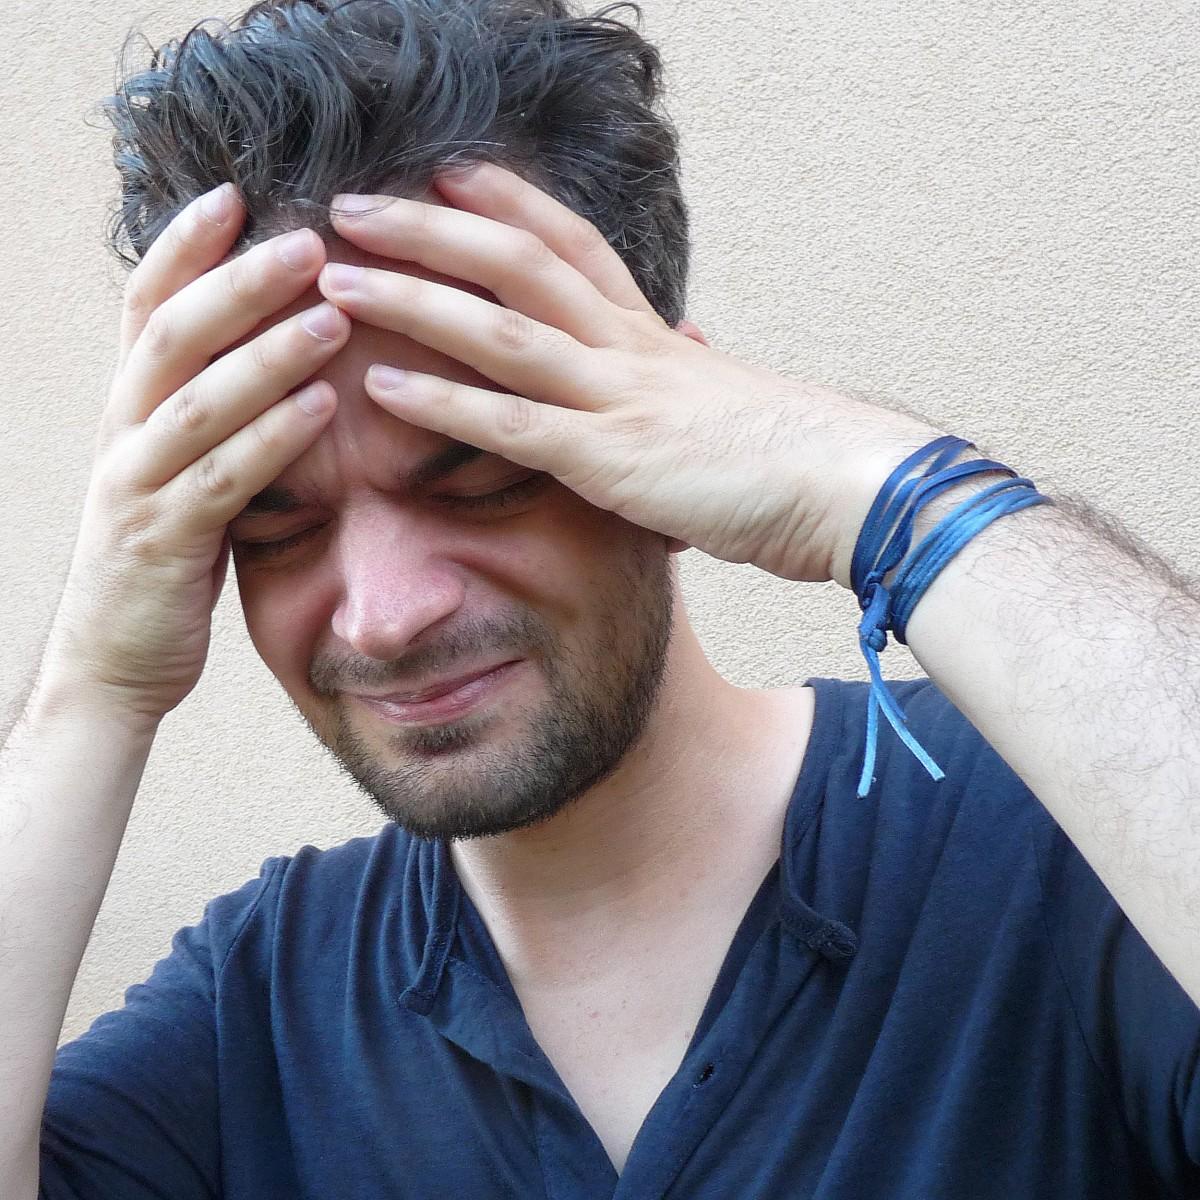 main homme la personne cheveux mâle portrait bleu bras Coiffure barbe visage tête peau beauté image organe stress malheureux mal de tête sens Homme stressé Poils du visage